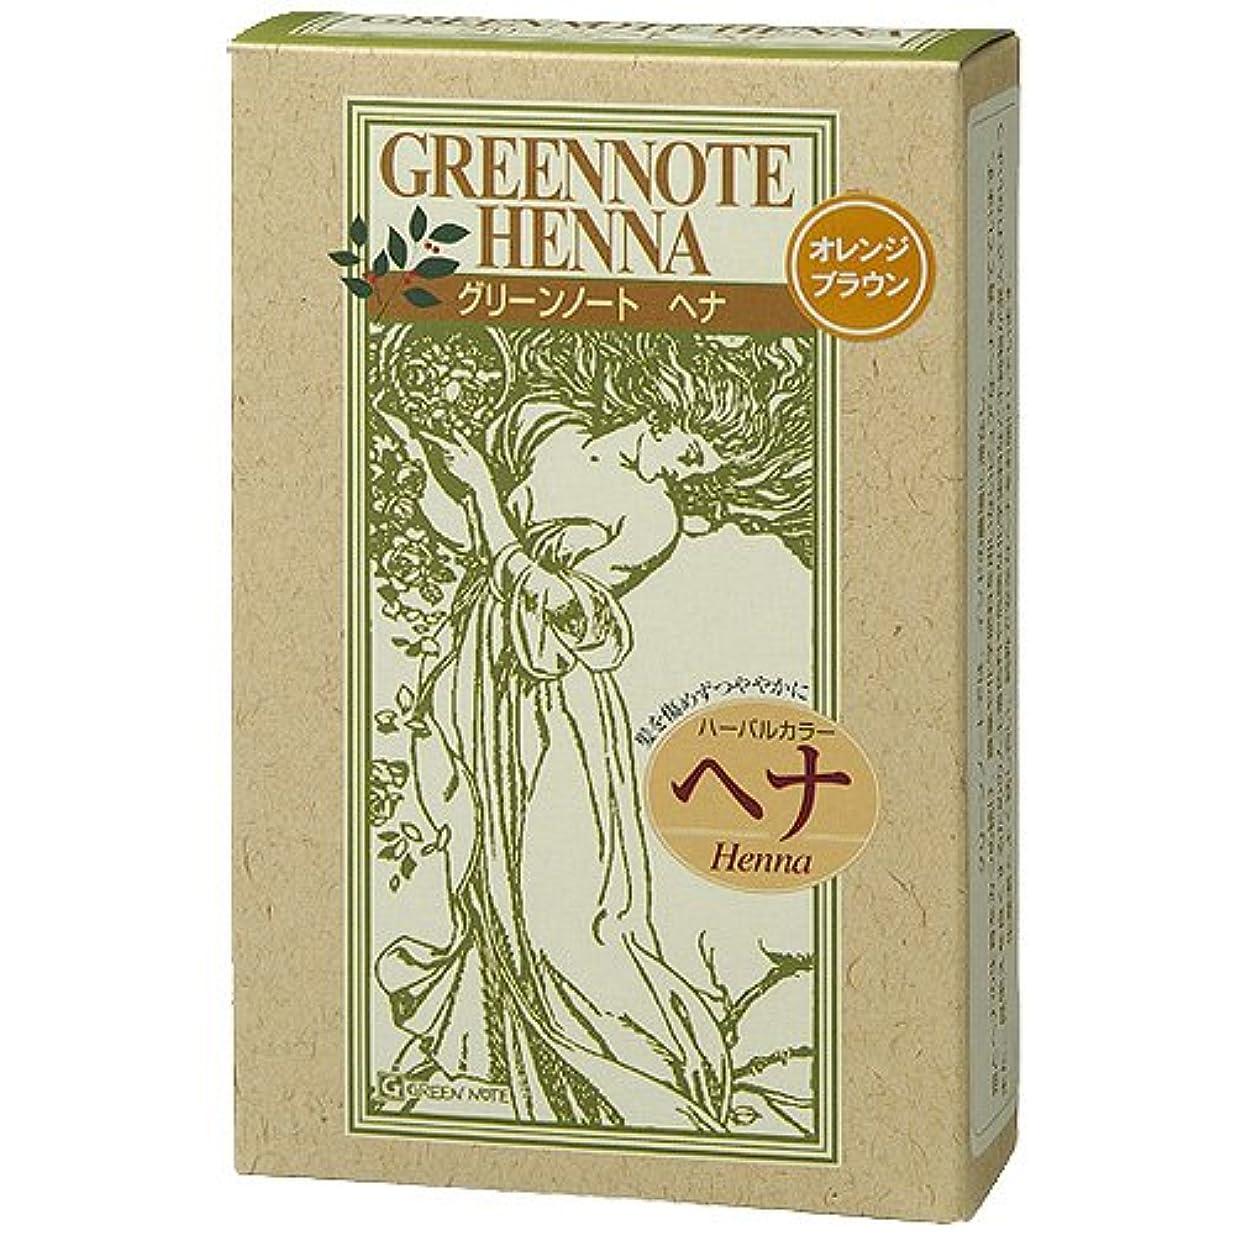 男らしい子供っぽいお勧めグリーンノート ハーバルカラー ヘナ ( オレンジブラウン )